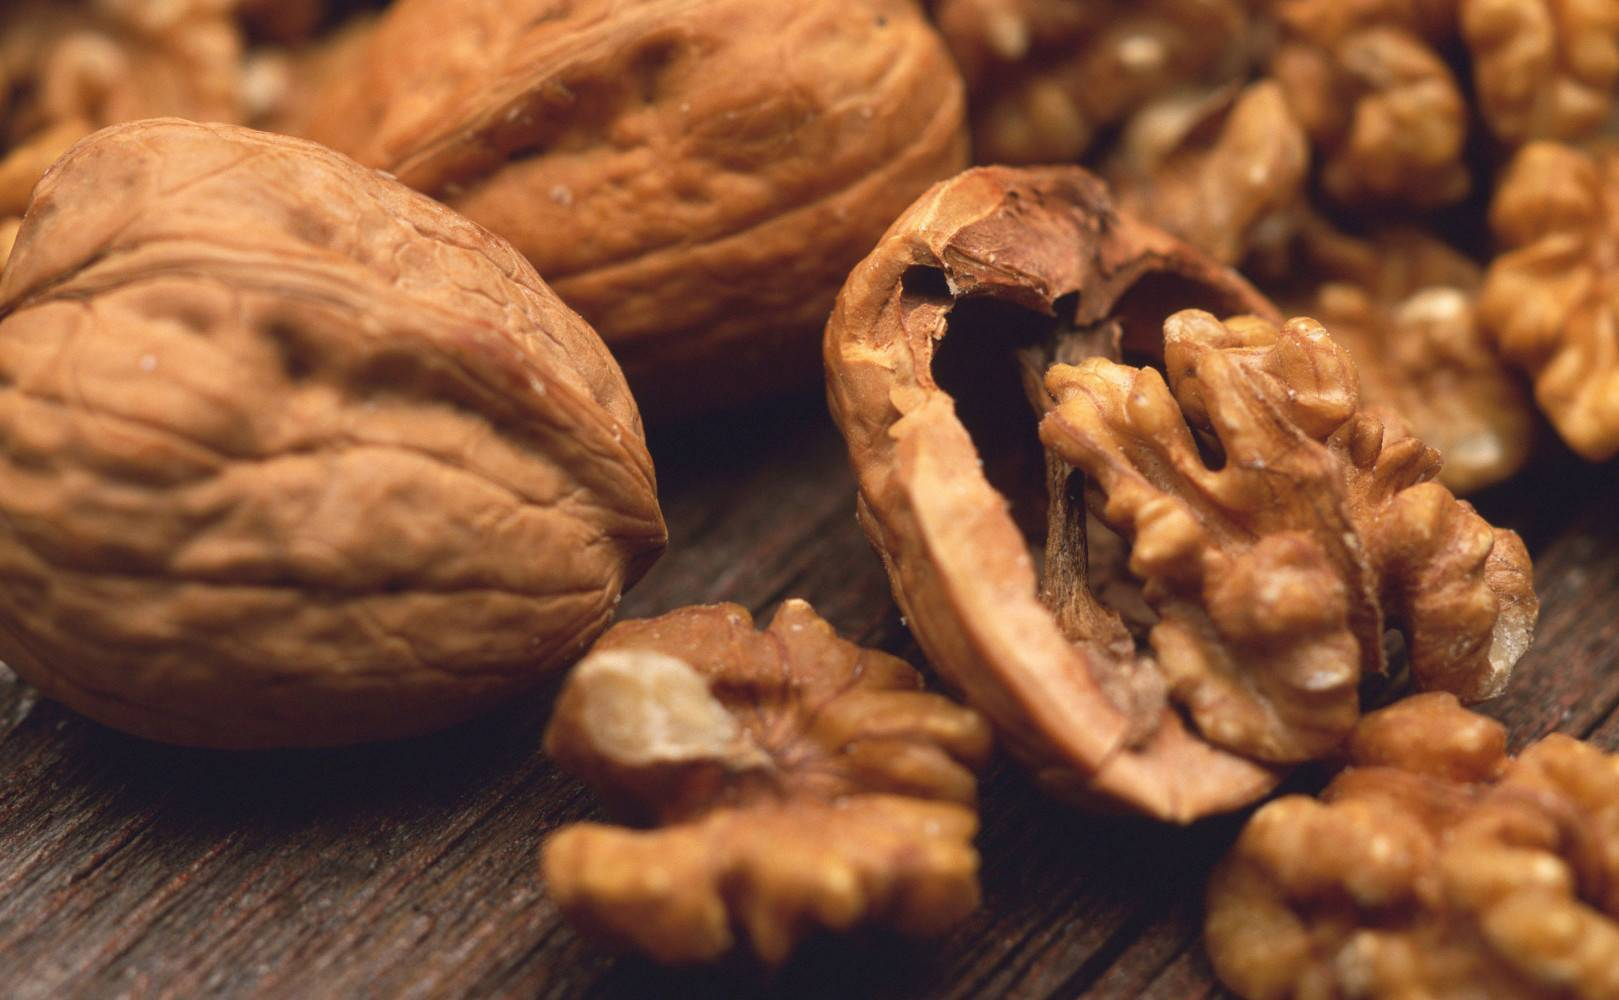 Грецкий орех с медом: рецепты для мужчин, польза и вред, чем полезны для потенции и при простатите, как употреблять правильно, отзывы